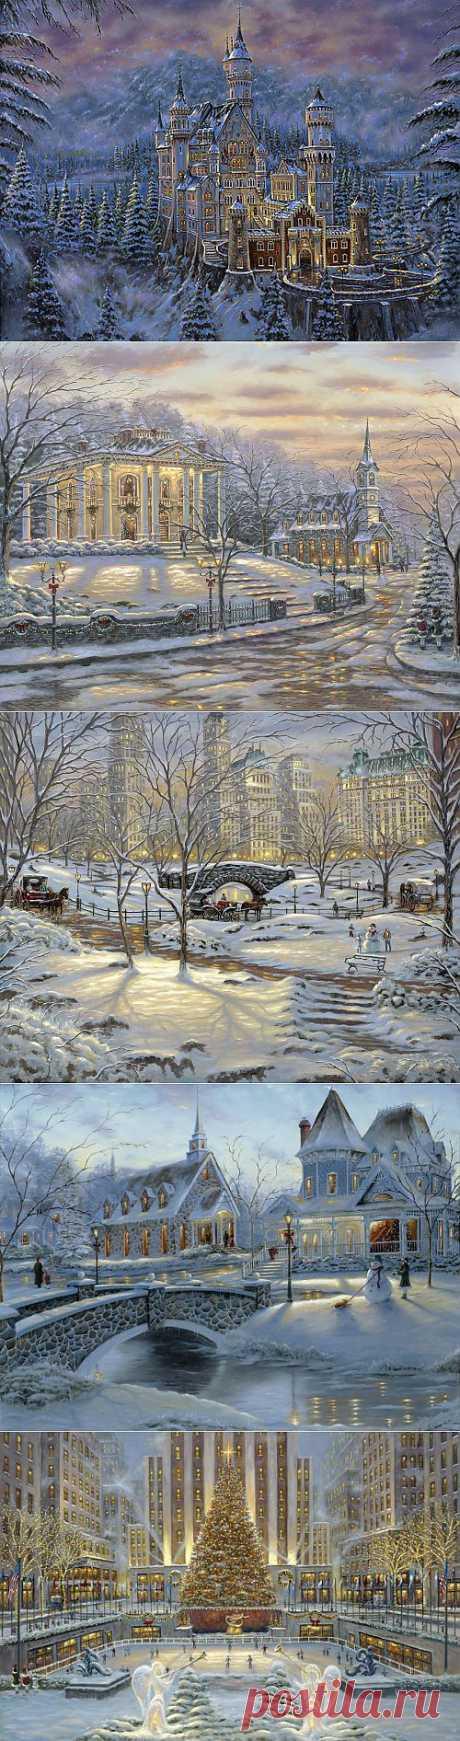 Зимние пейзажи от Robert Finale. (10 фото) » Вернисаж » COMGUN.RU - Сайт для увлеченных людей!